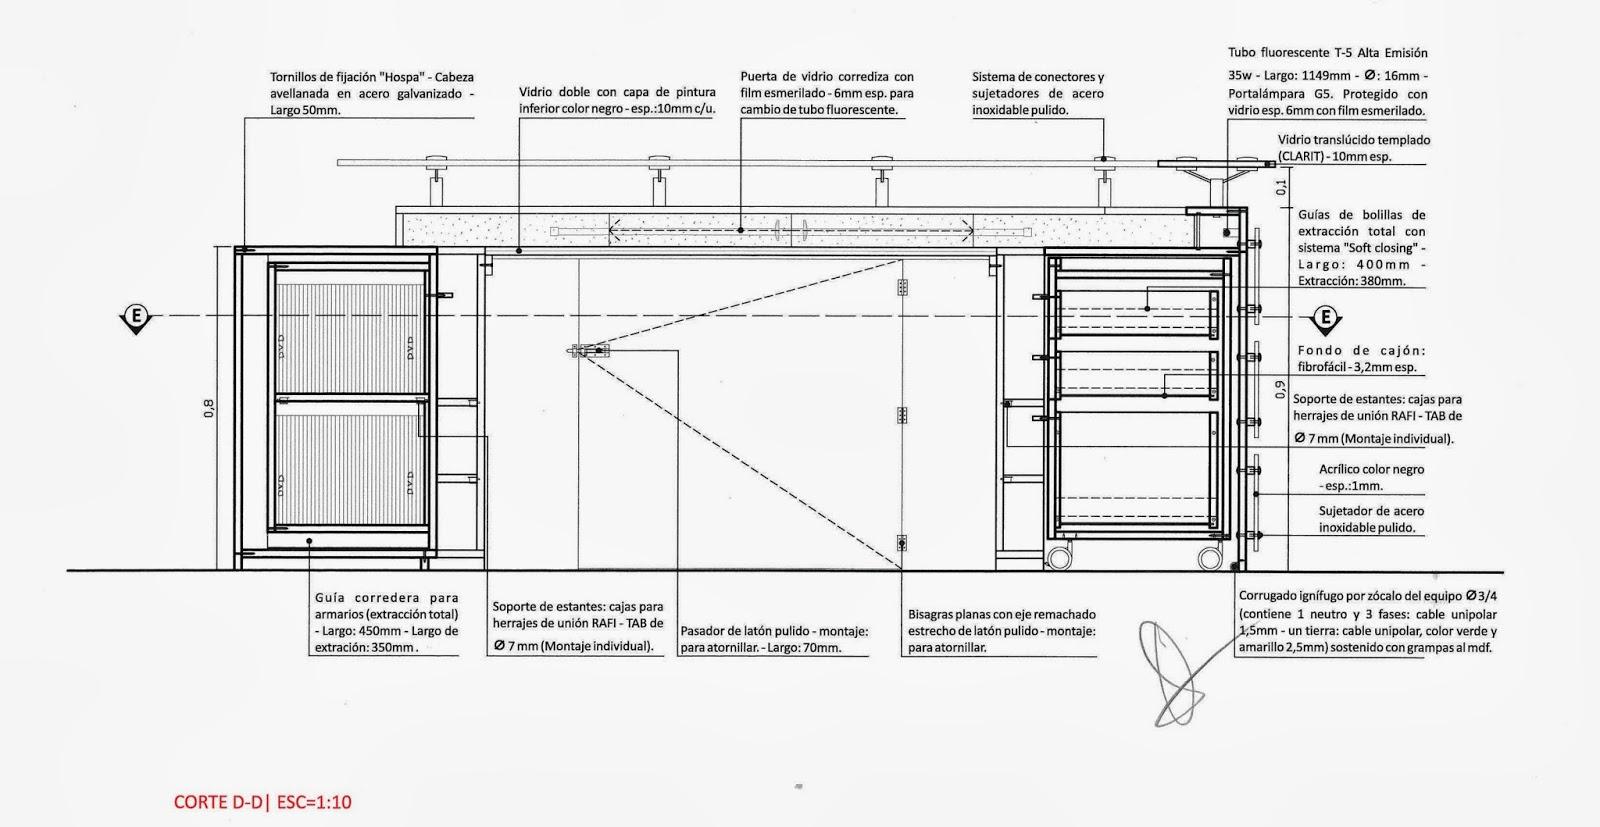 Muebles detalles obtenga ideas dise o de muebles para su for Muebles a escala 1 50 para planos